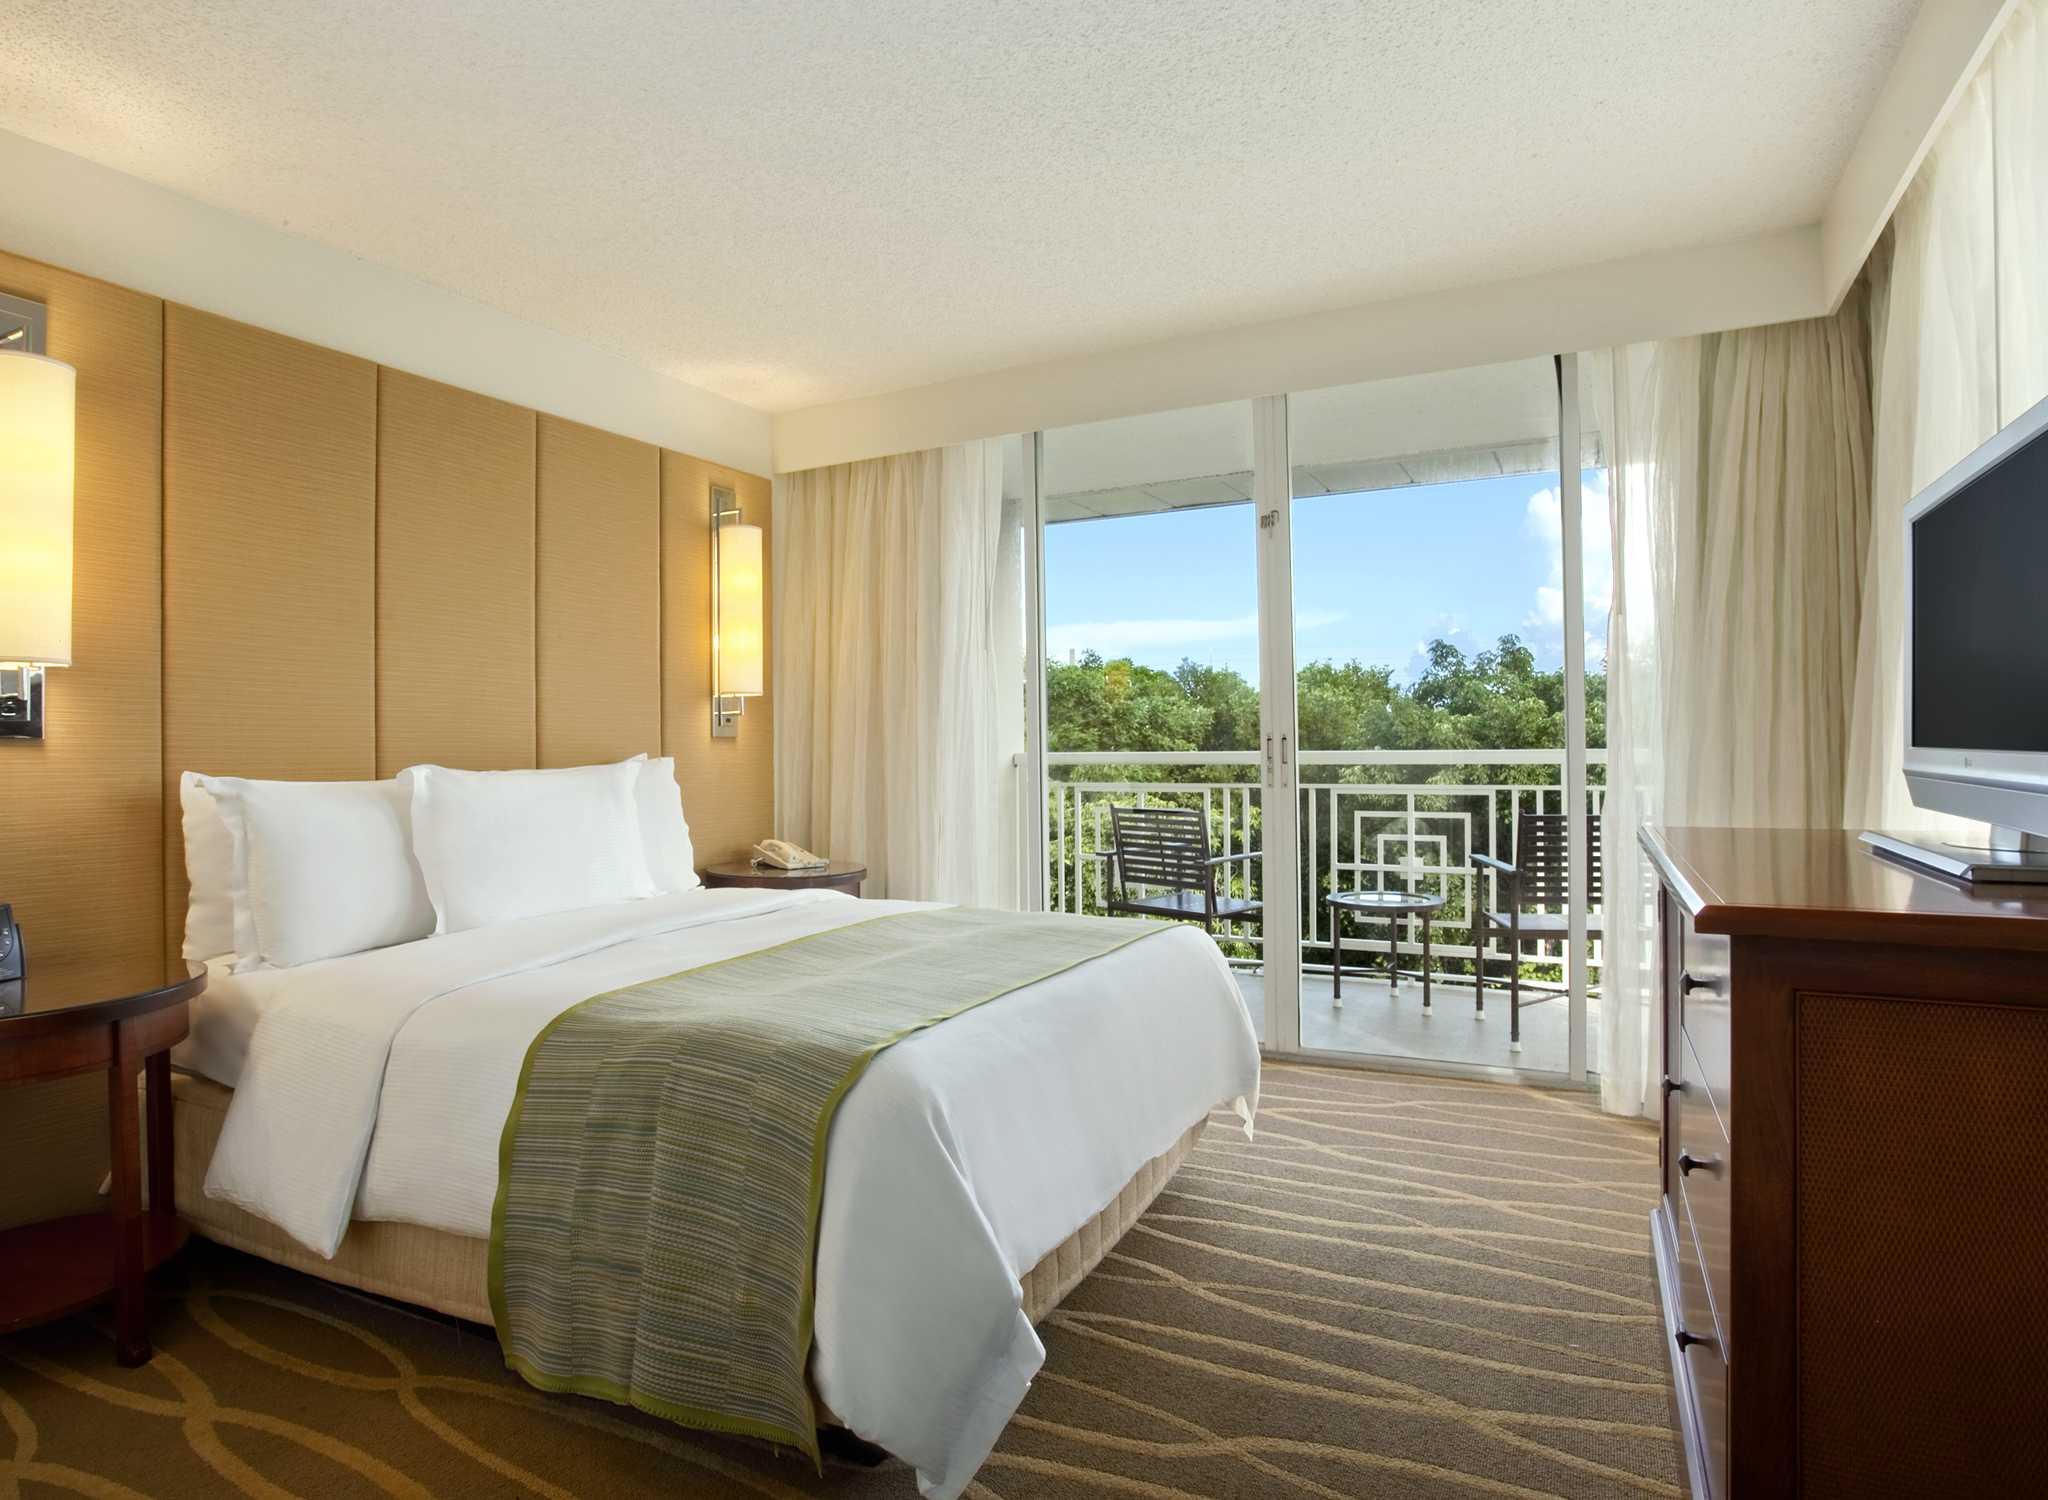 Hilton key largo resort picture of hilton key largo resort key - Hilton Key Largo Resort Hotel Fla King Room